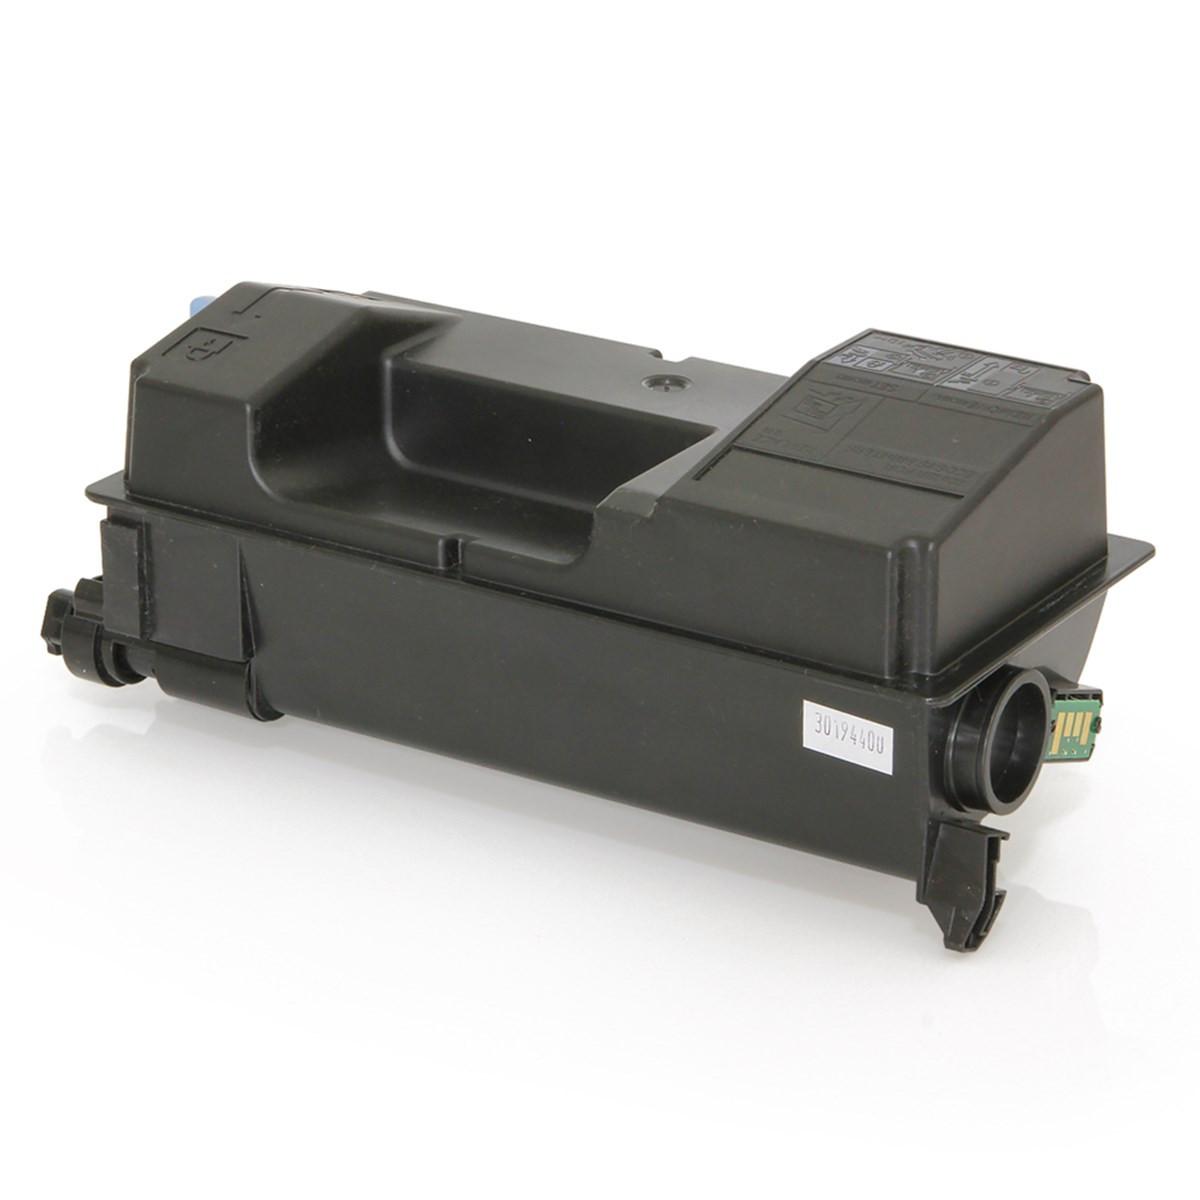 Toner Compatível com Kyocera TK3122 TK-3122 | FS4200DN FS4200 4200DN | Importado 21k